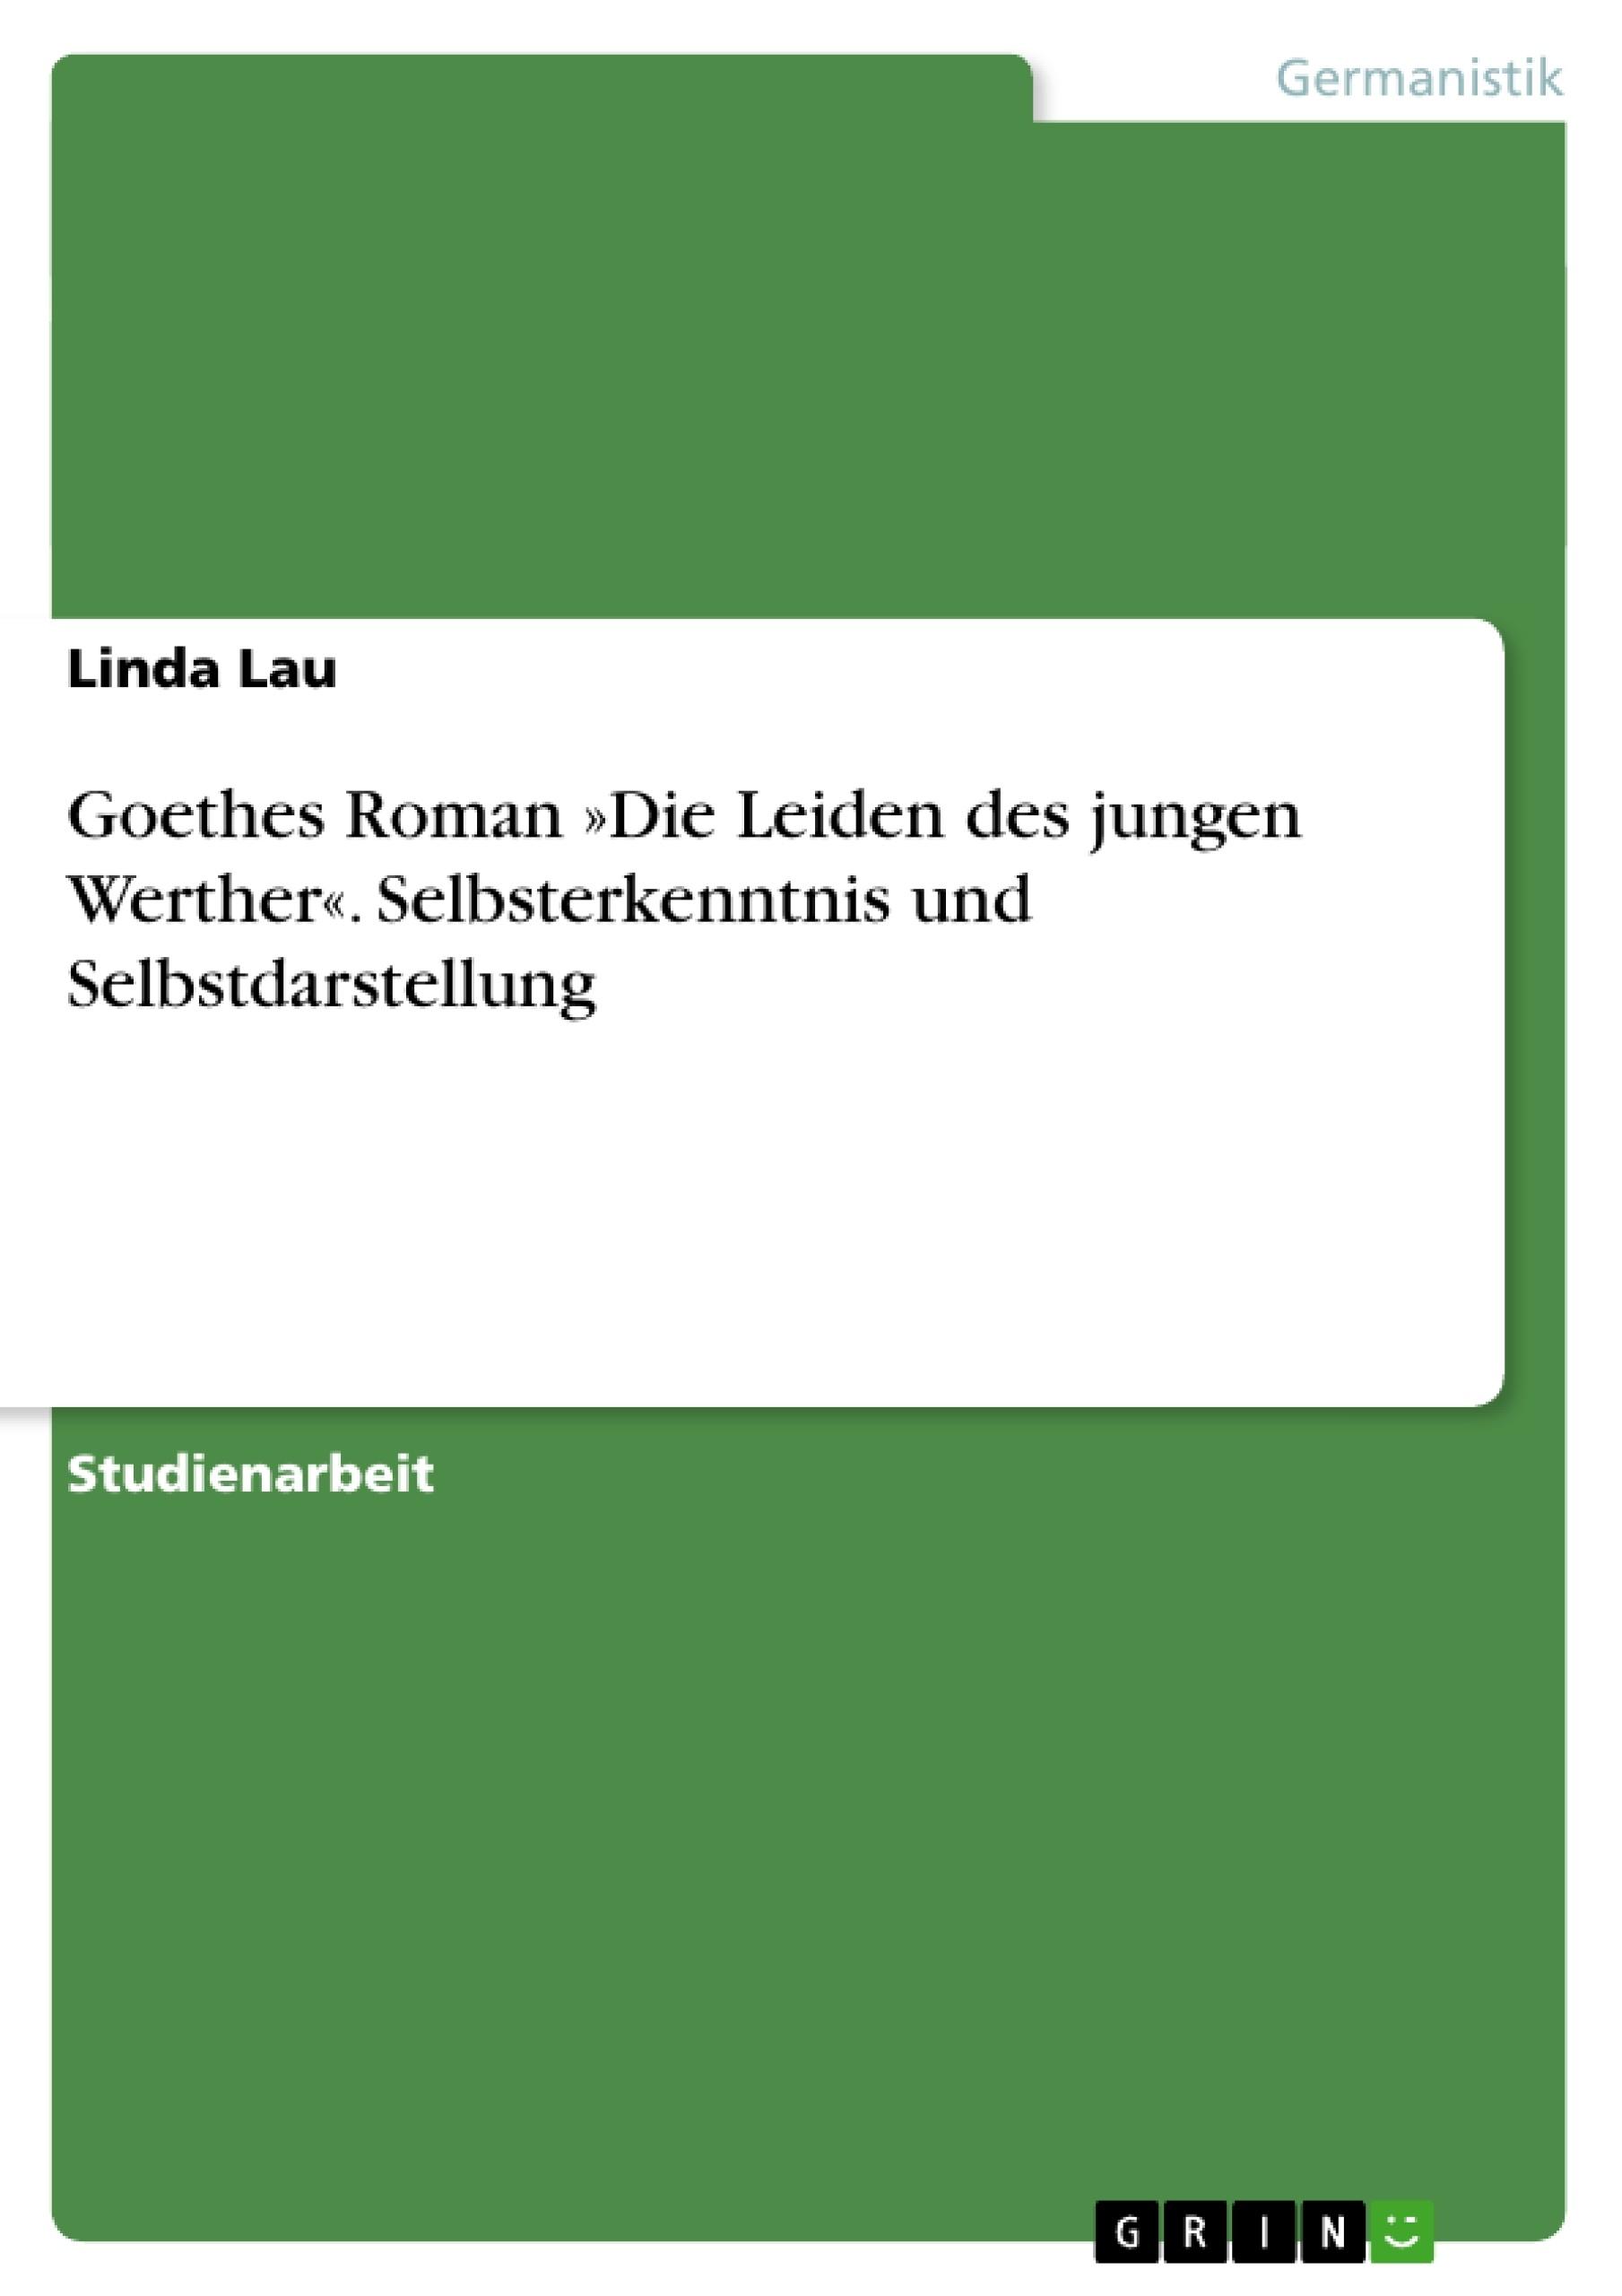 Titel: Goethes Roman »Die Leiden des jungen Werther«. Selbsterkenntnis und Selbstdarstellung